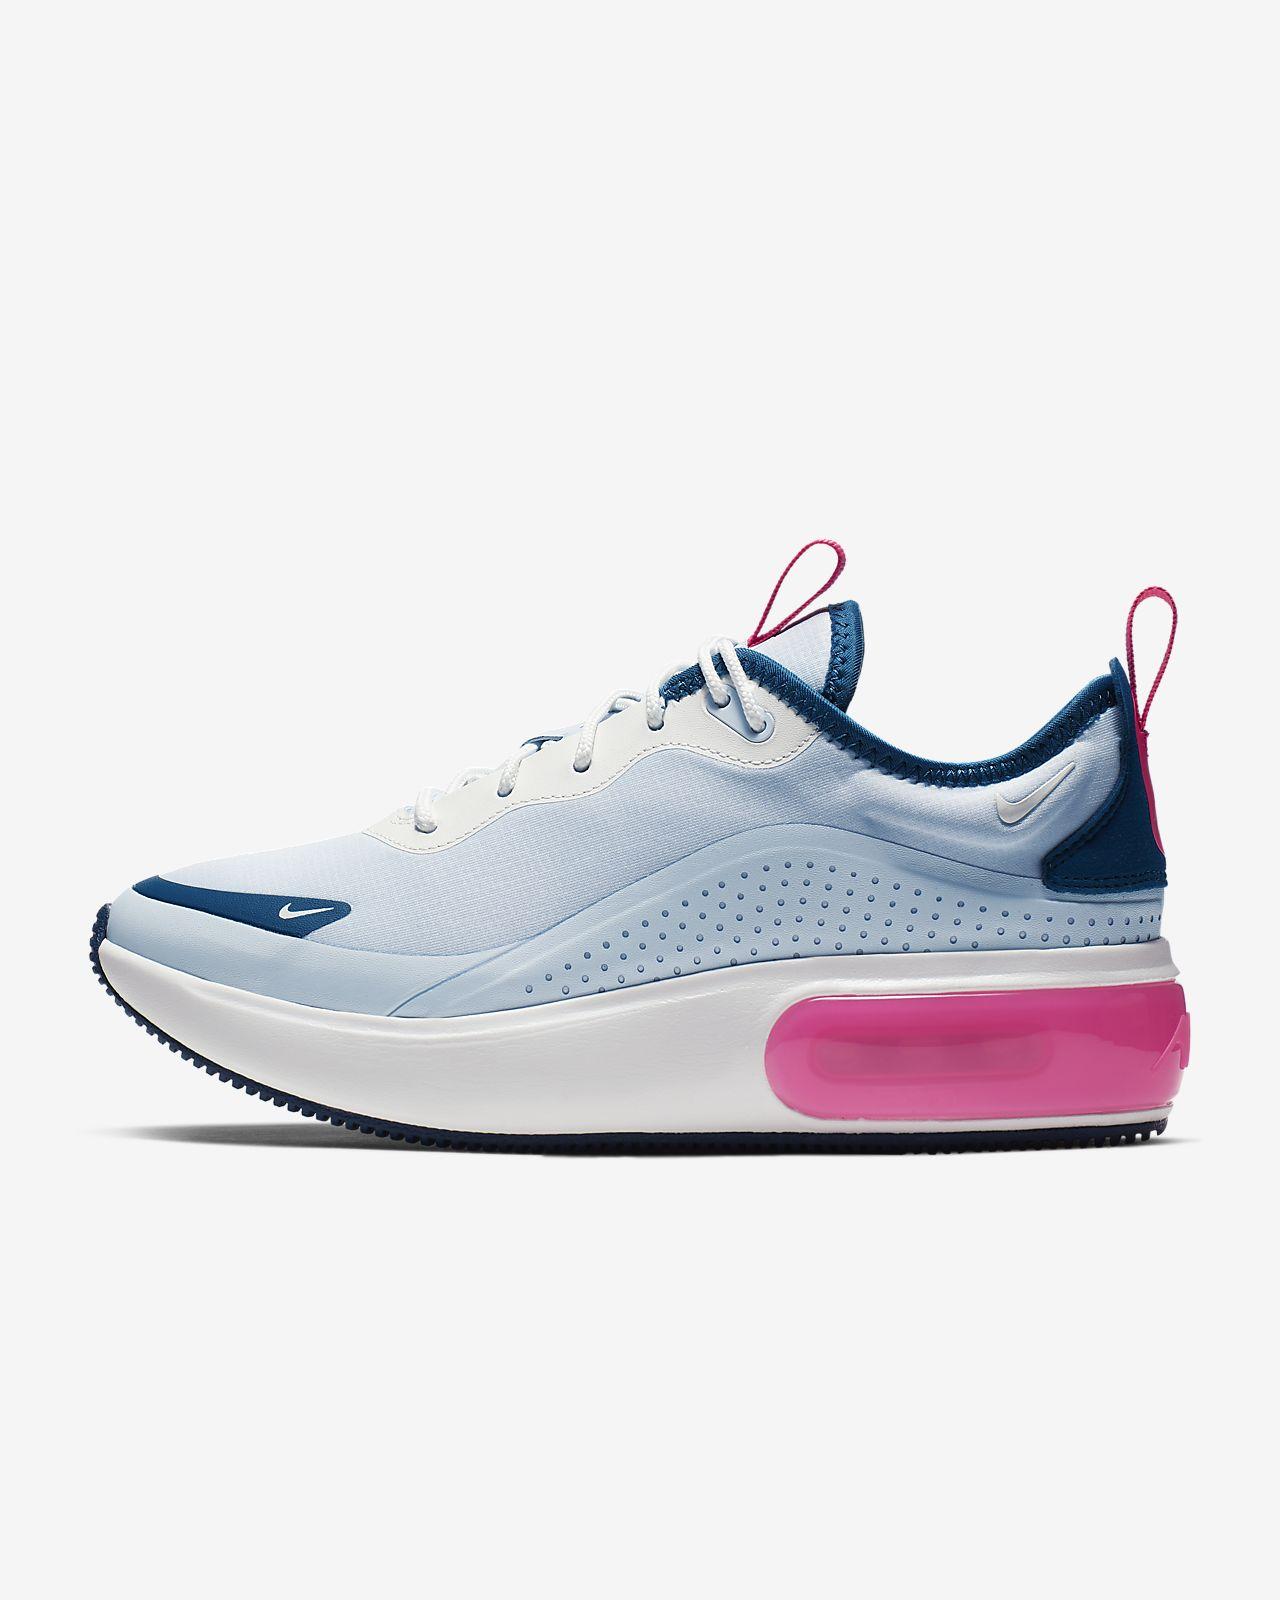 online retailer c077d 20f84 Nike Air Max Dia